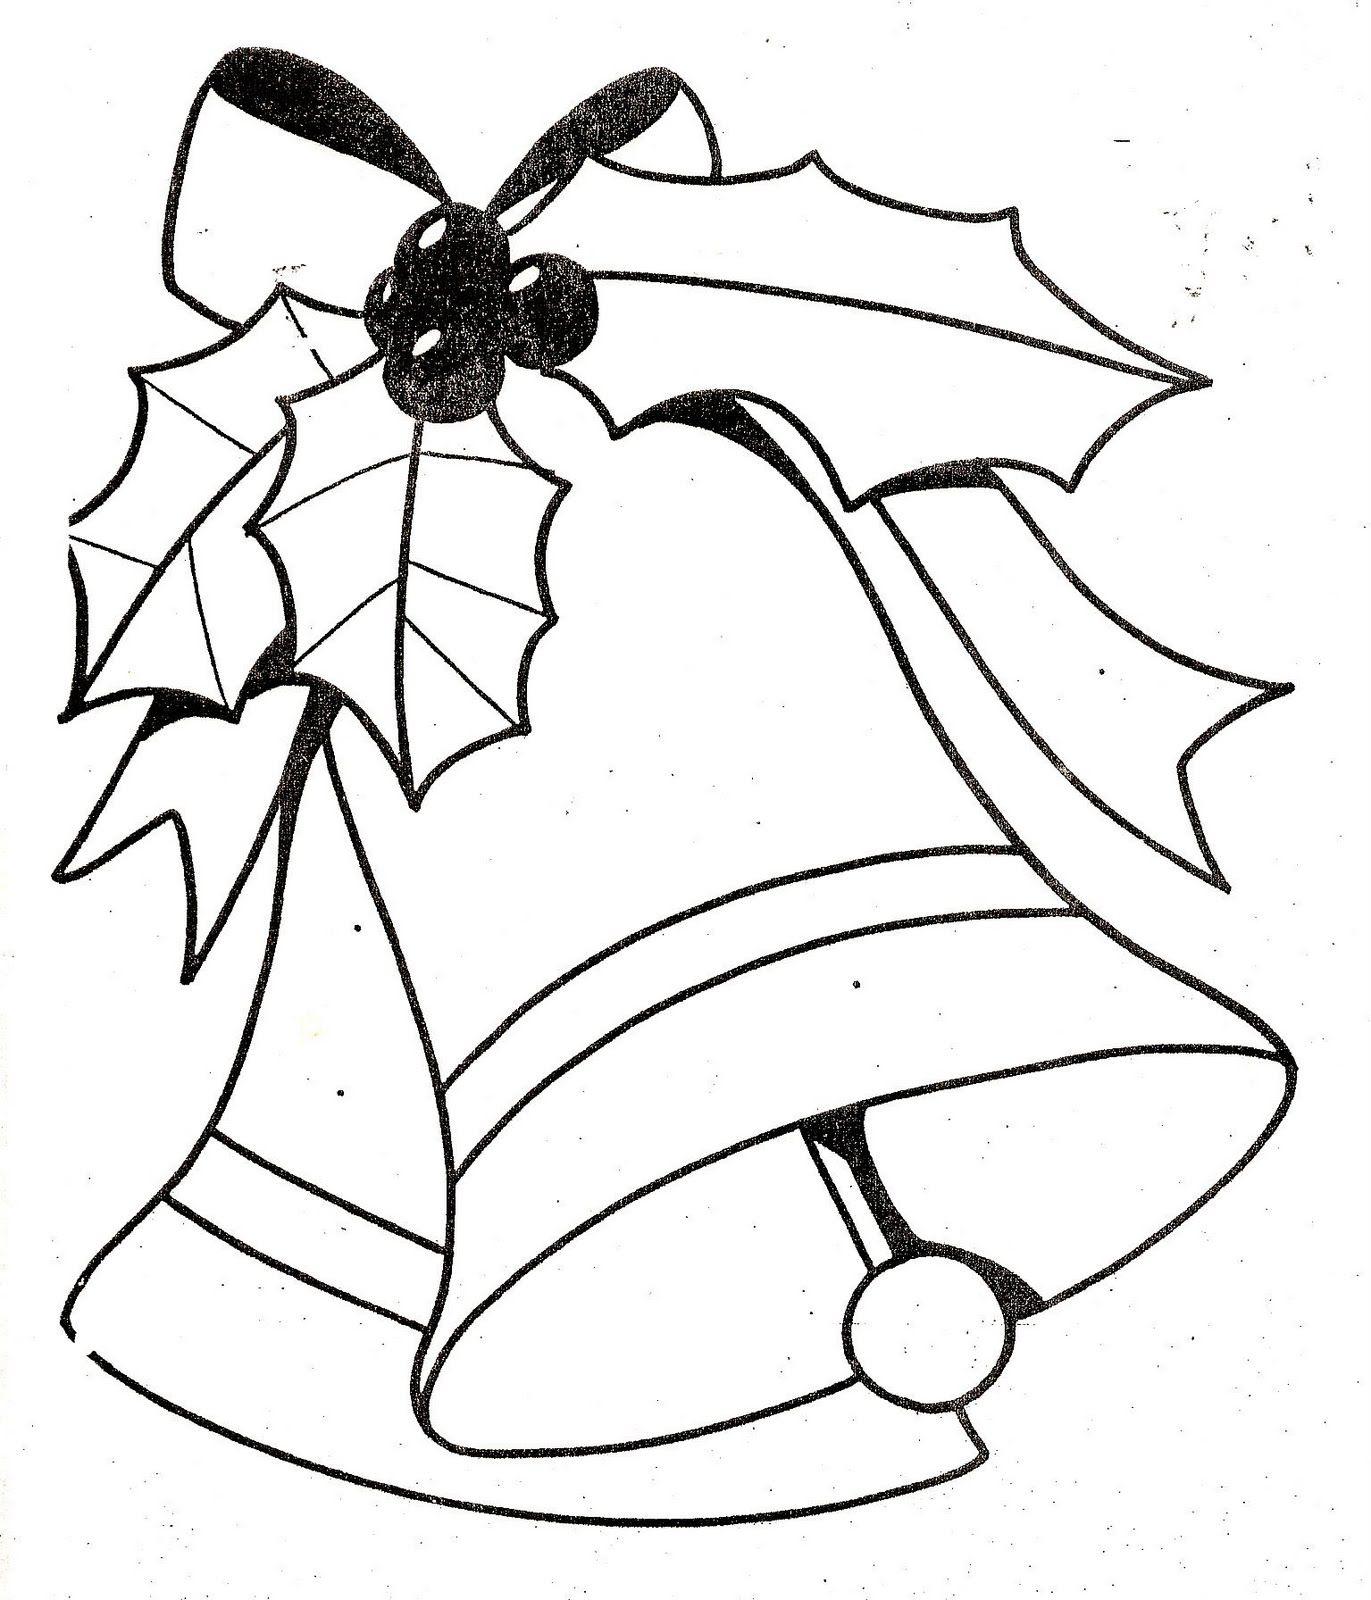 Dibujos Y Plantillas Para Imprimir Campanas Navidad Dibujo Navidad Para Colorear Campanas De Navidad Figuras De Navidad